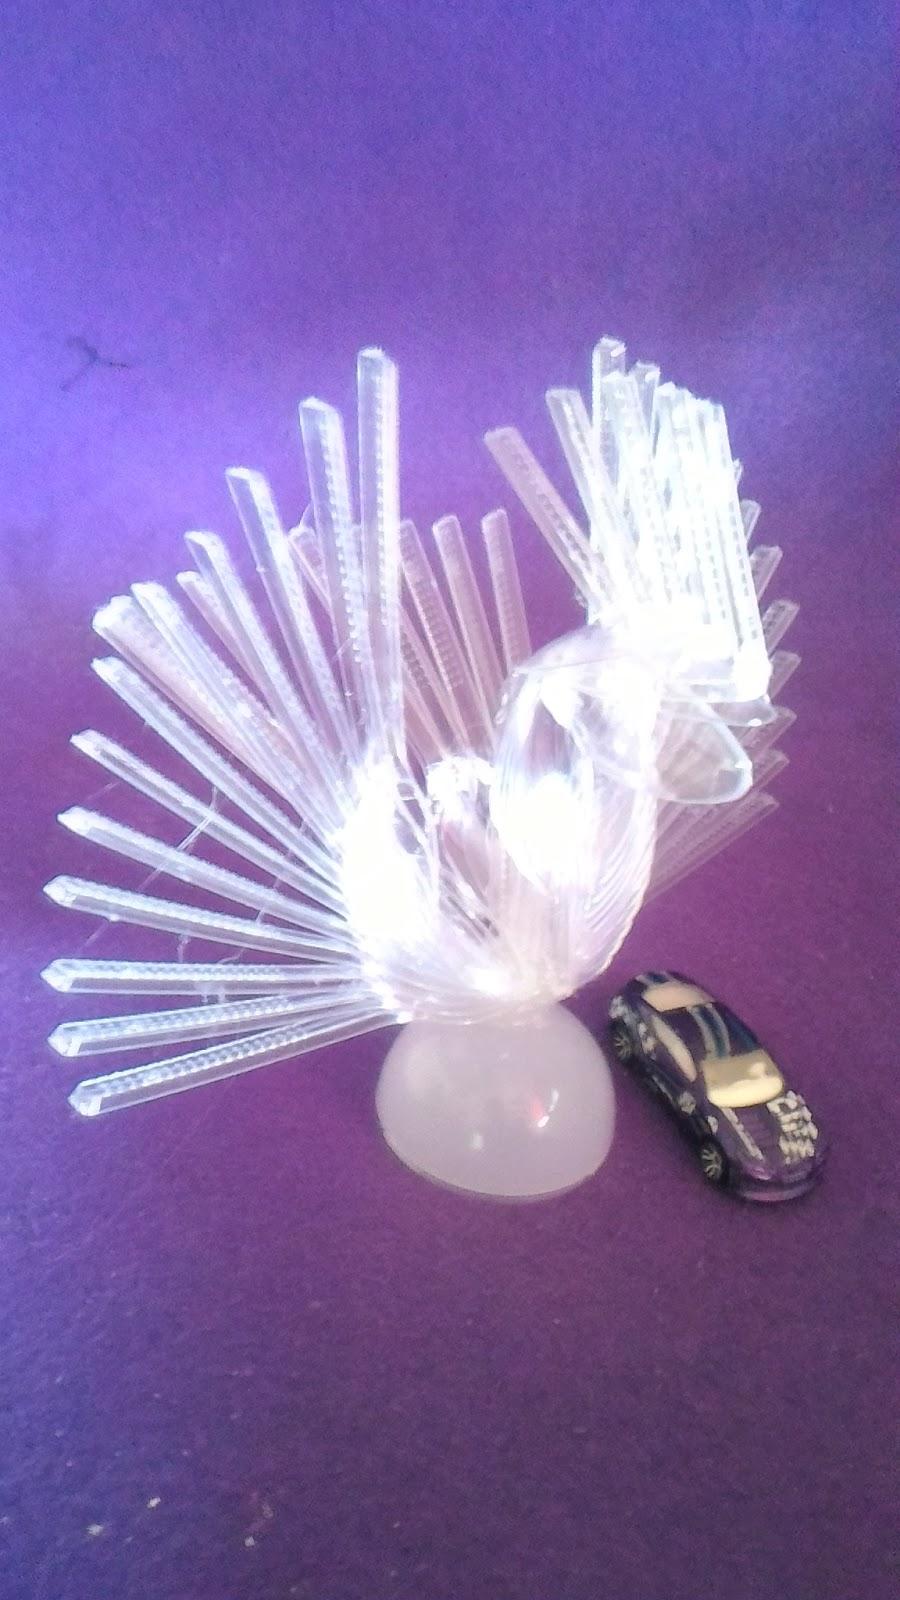 480 Koleksi Gambar Burung Merak Dari Sendok Plastik Terbaru